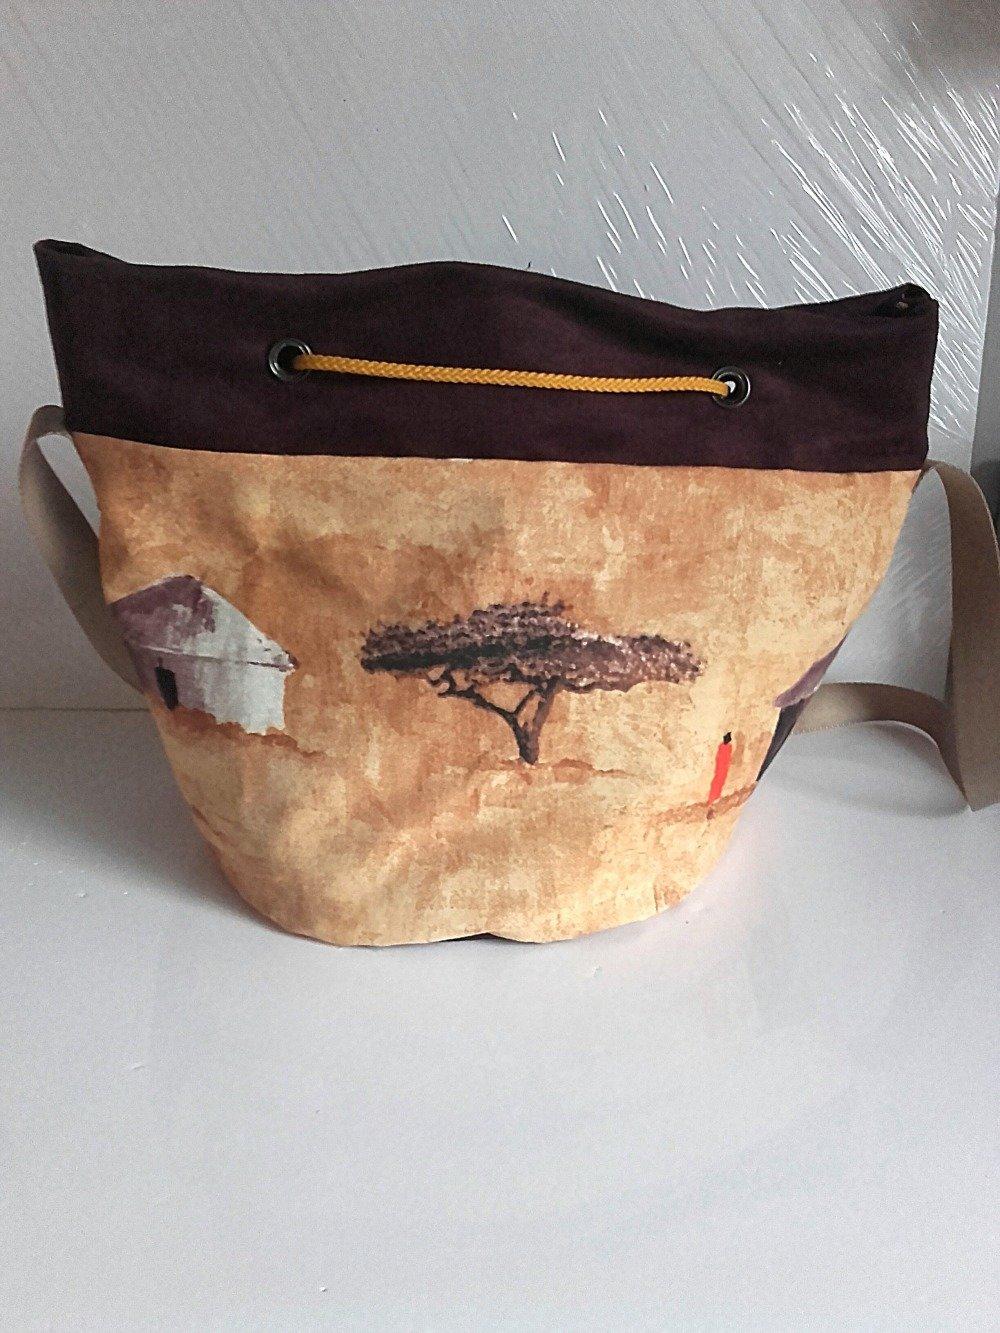 VENDU Sac seau bandoulière porté épaule, sac tissu ethnique et suédine, sac de plage marron et prune  cabas femme porté épaule tissu